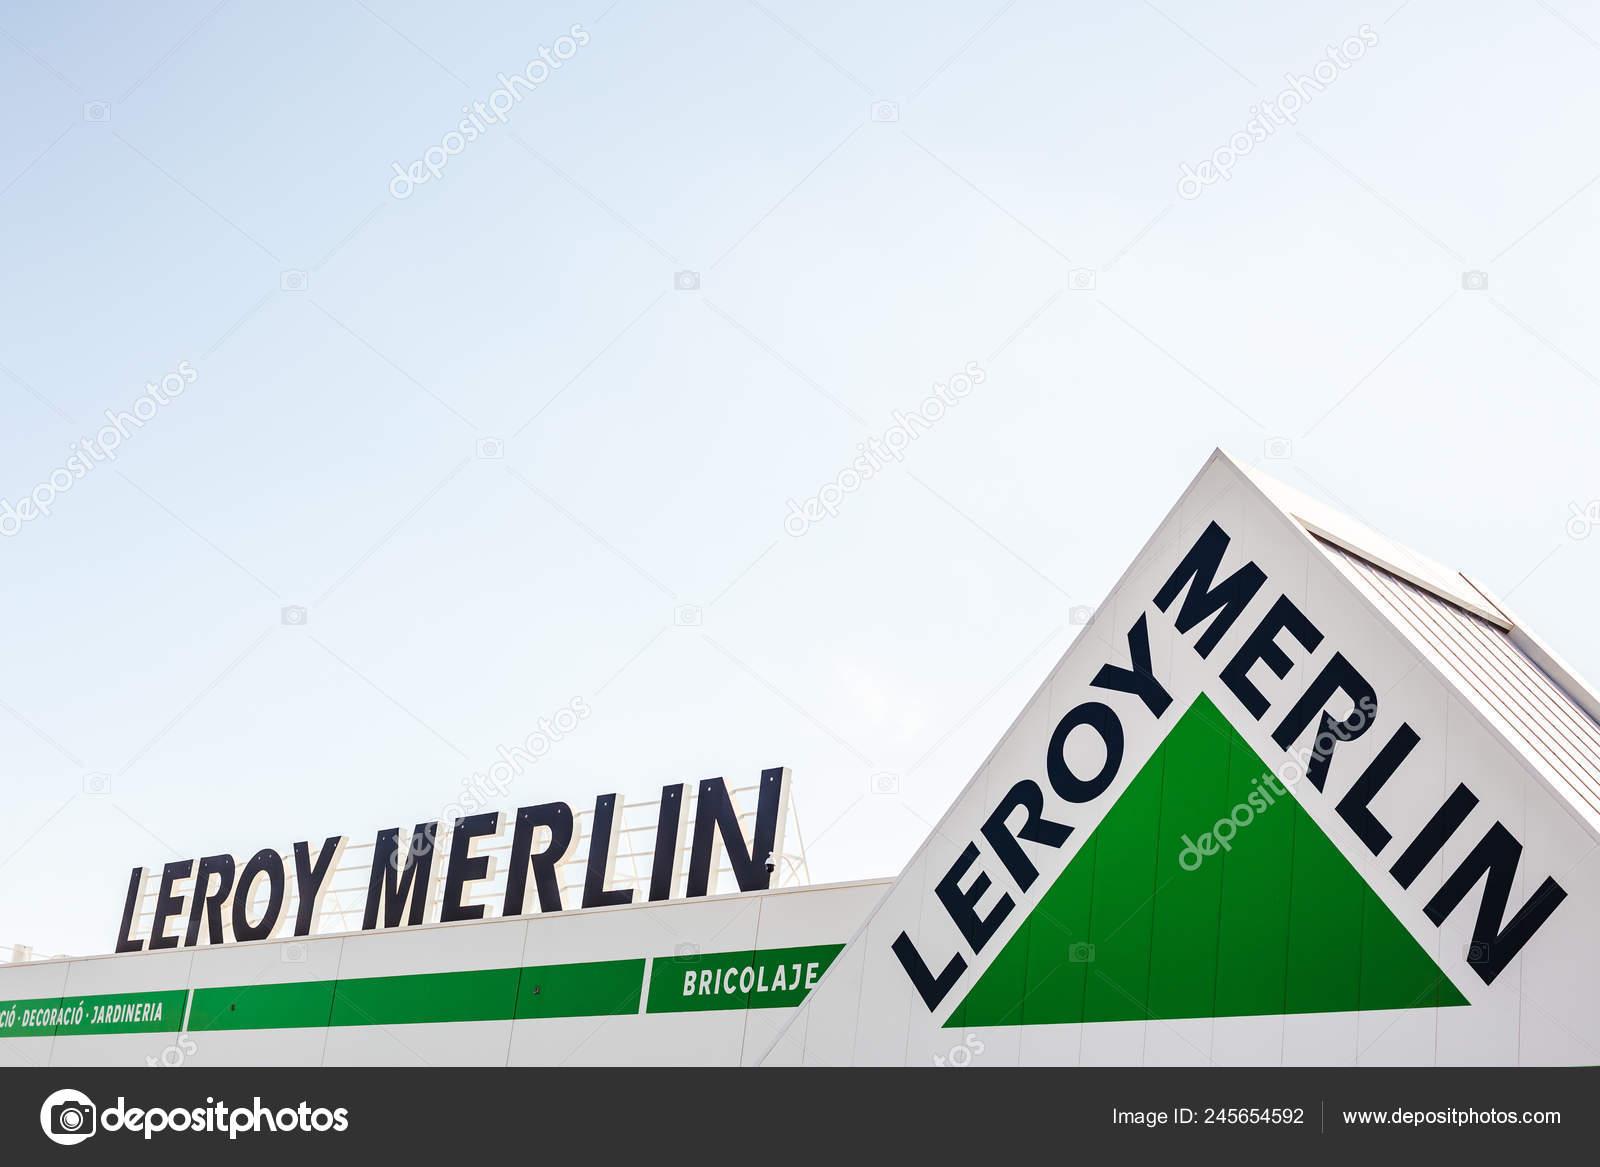 сагунто іспанія лют 2019 Leroy Merlin Store ланцюг логотип